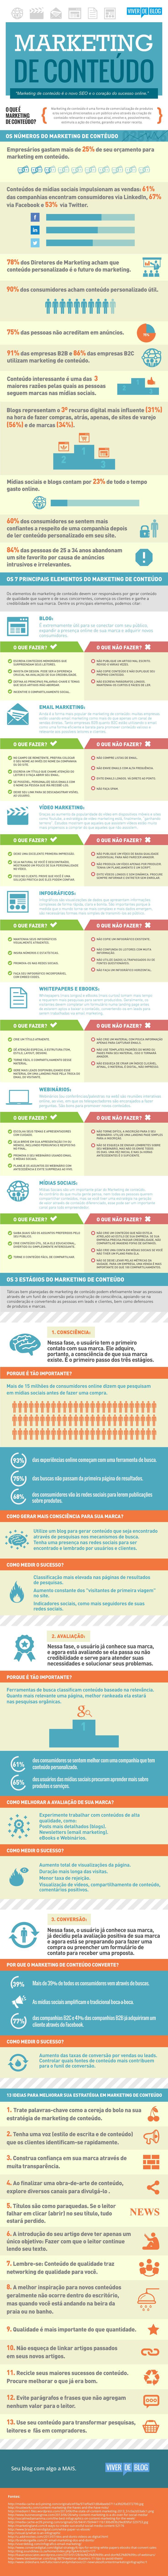 Infográfico: Marketing de Conteúdo Conheça o novo SEO e o coração do sucesso online